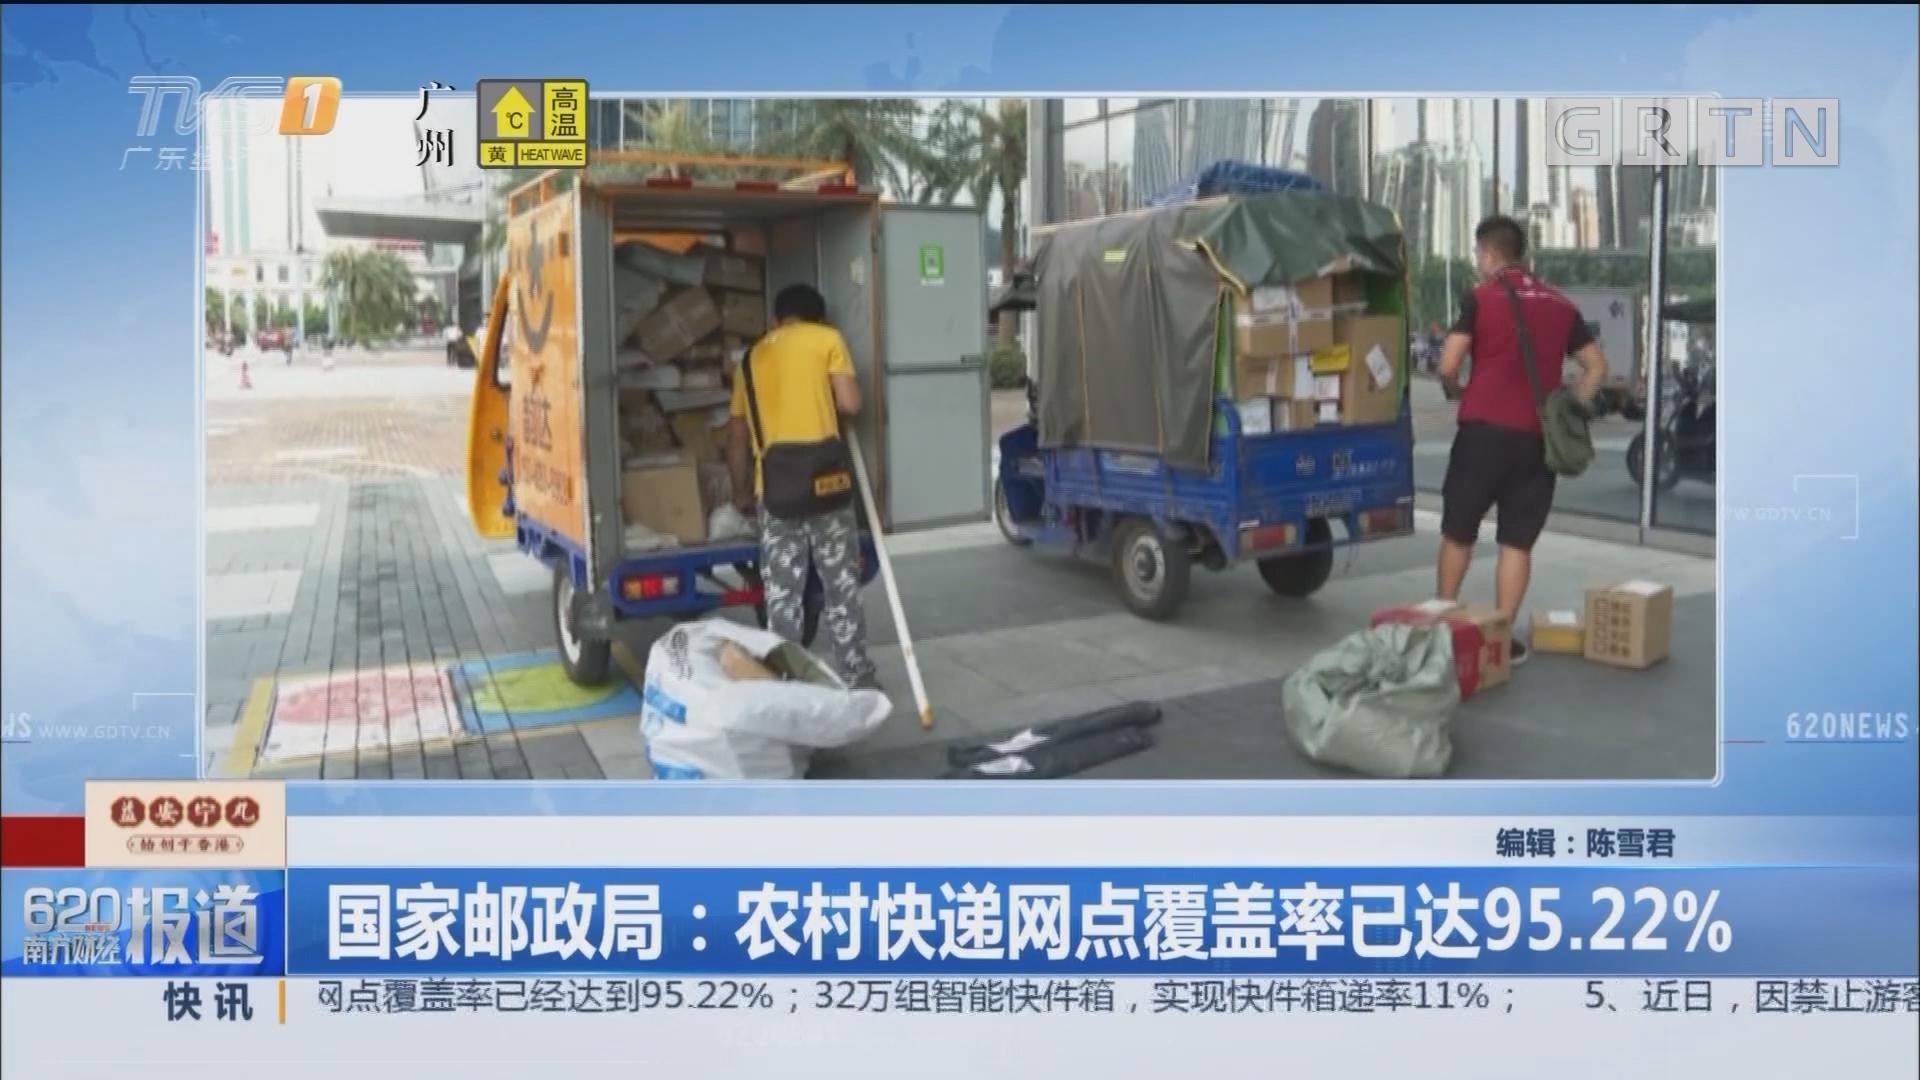 国家邮政局:农村快递网点覆盖率已达95.22%